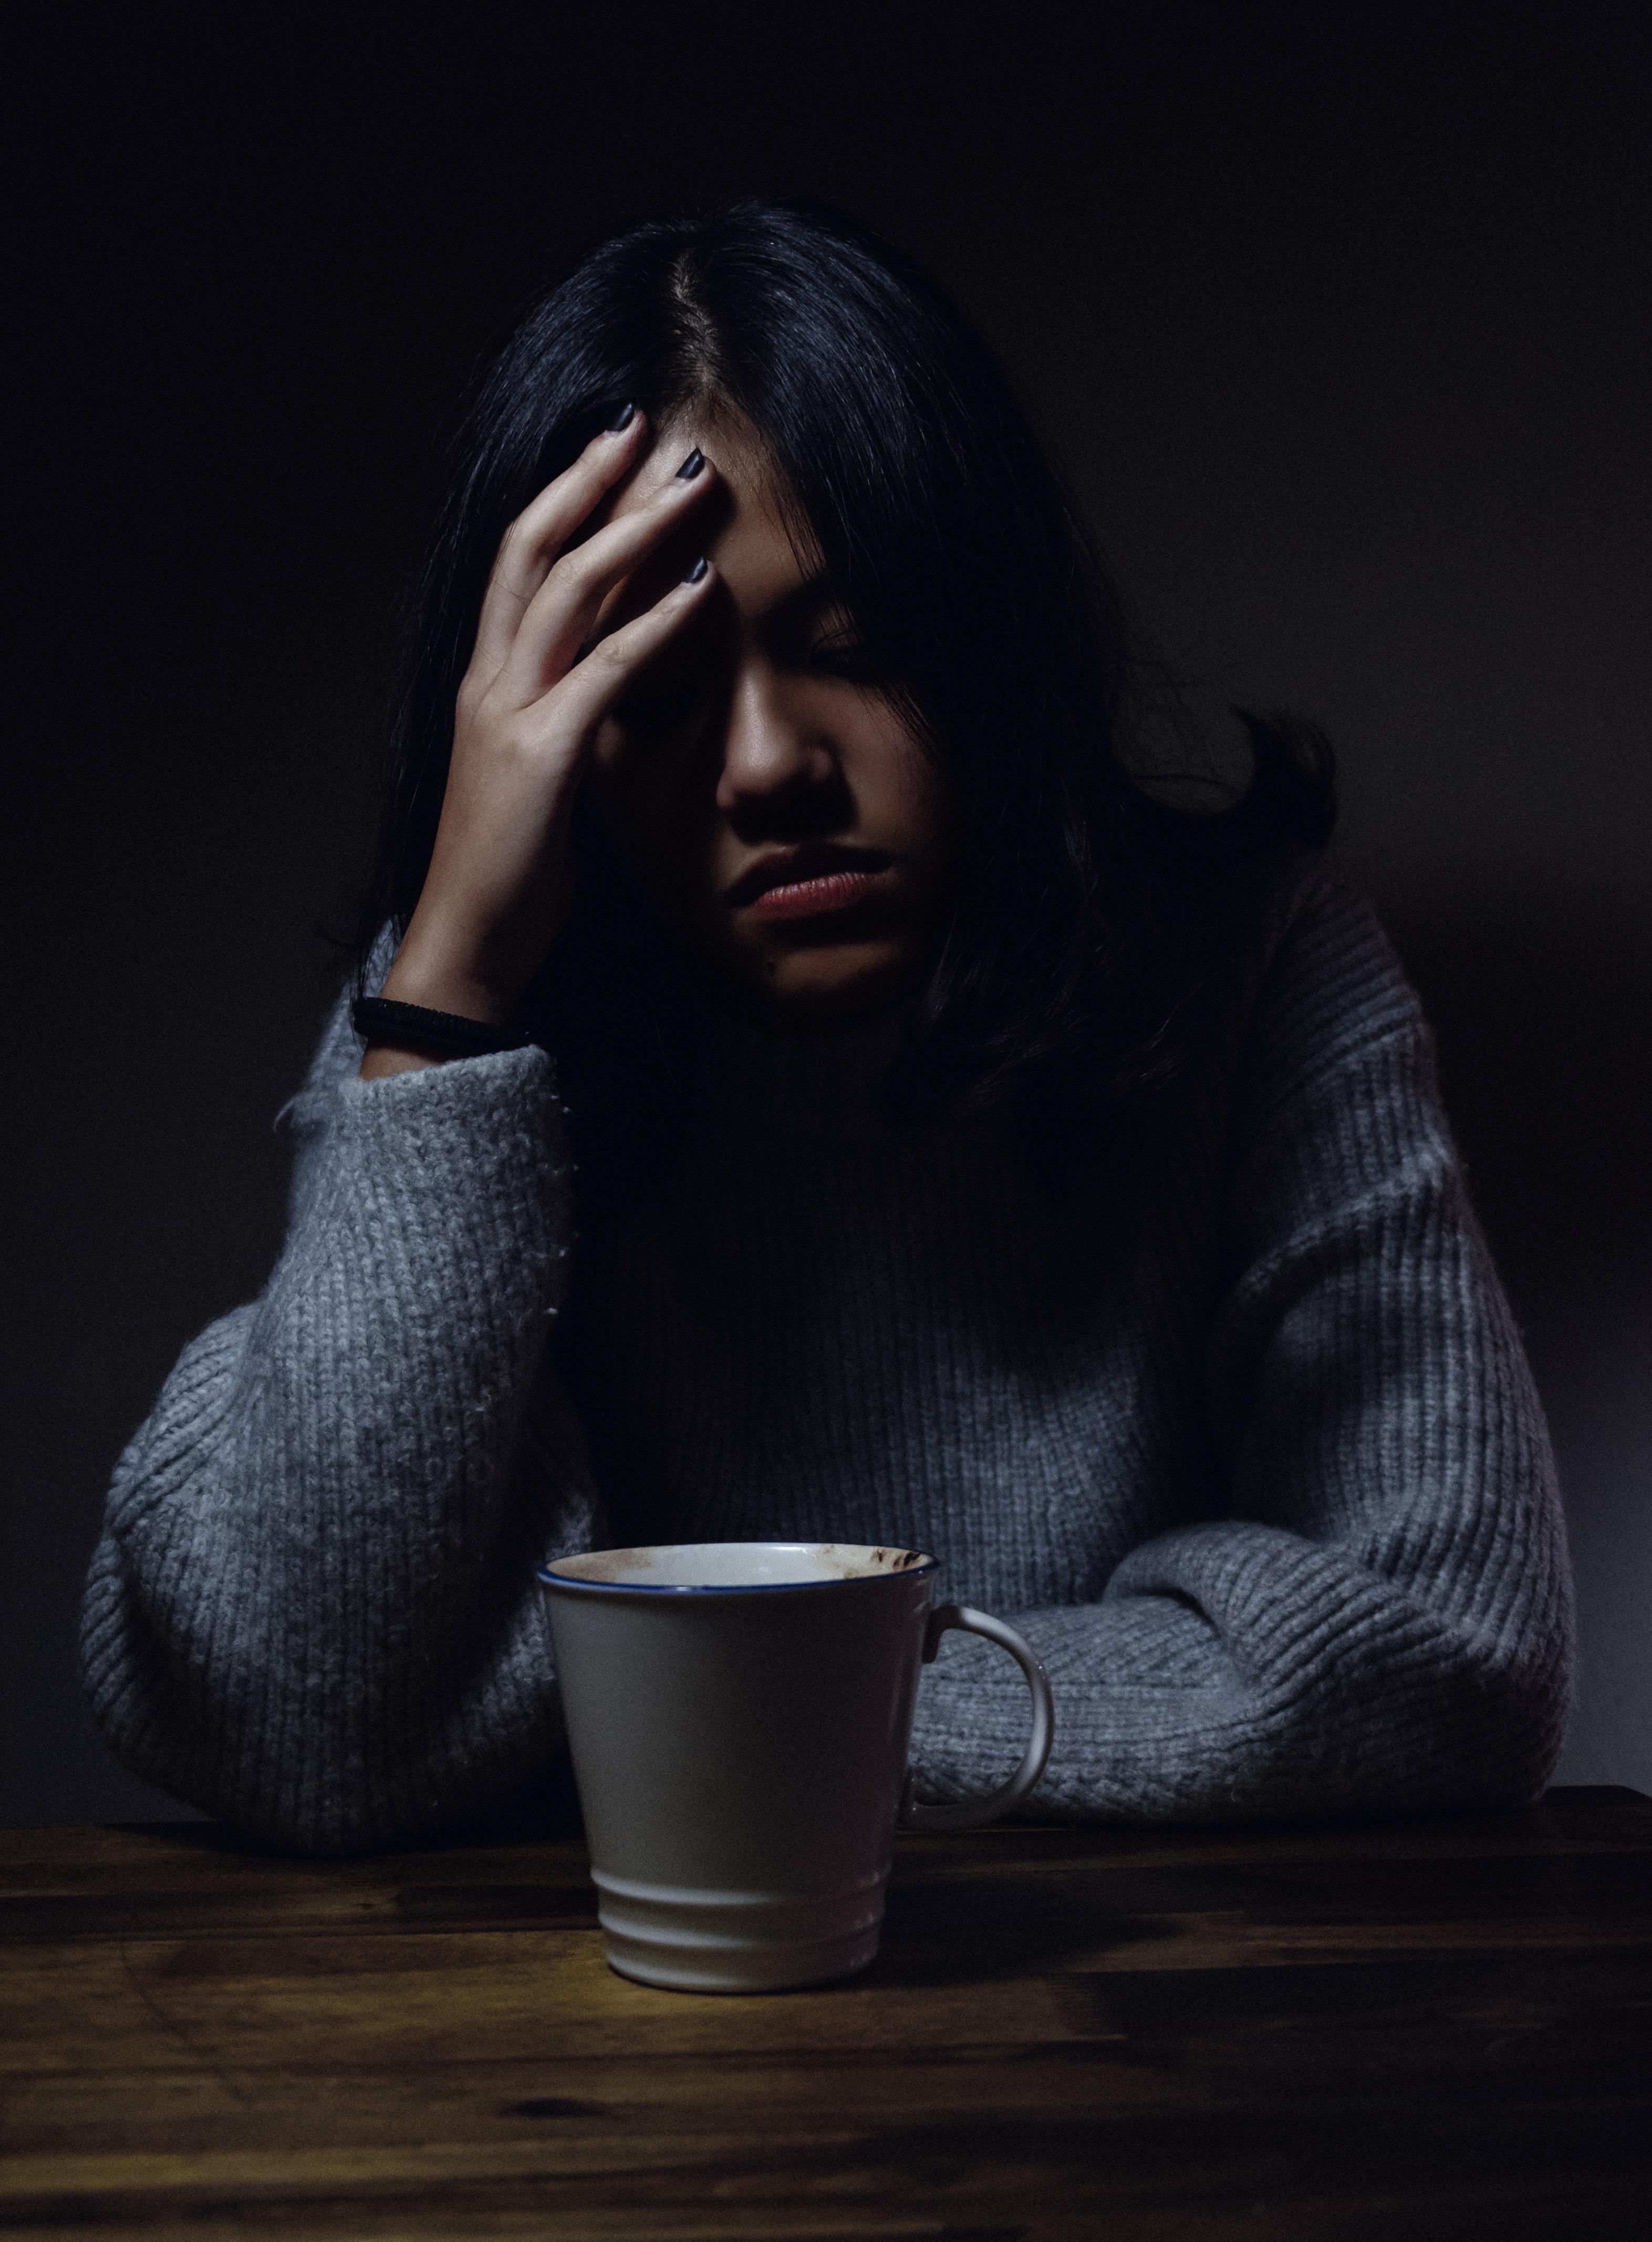 Dhimbja e kokës mund të eleminohet edhe pa ilaçe, është shumë e thjeshtë